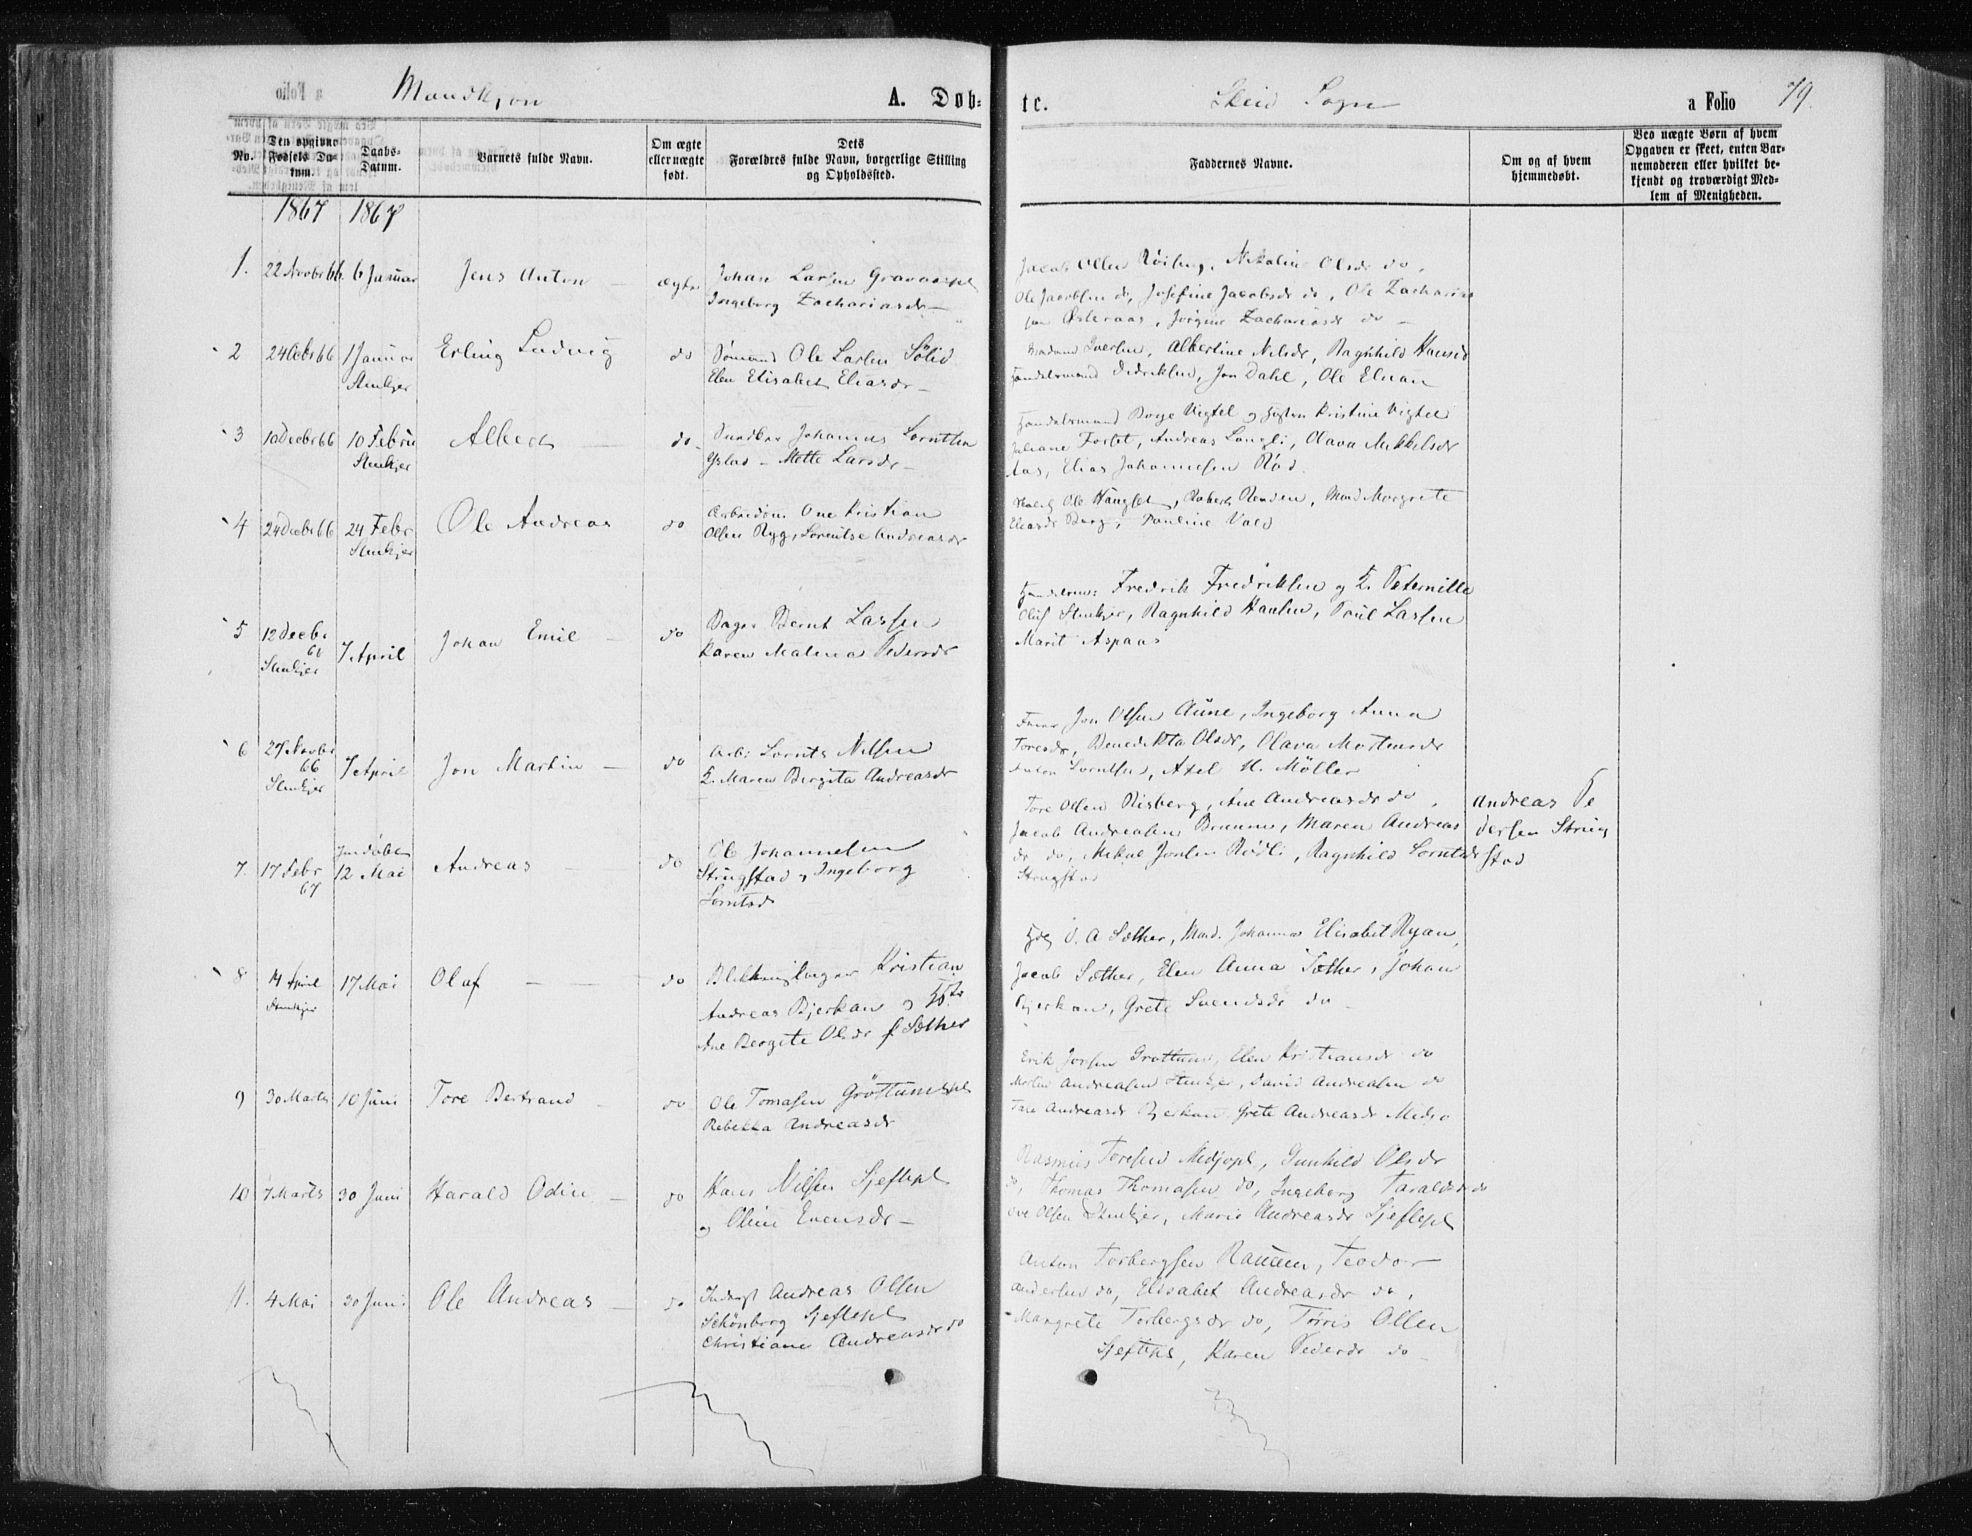 SAT, Ministerialprotokoller, klokkerbøker og fødselsregistre - Nord-Trøndelag, 735/L0345: Ministerialbok nr. 735A08 /2, 1863-1872, s. 79